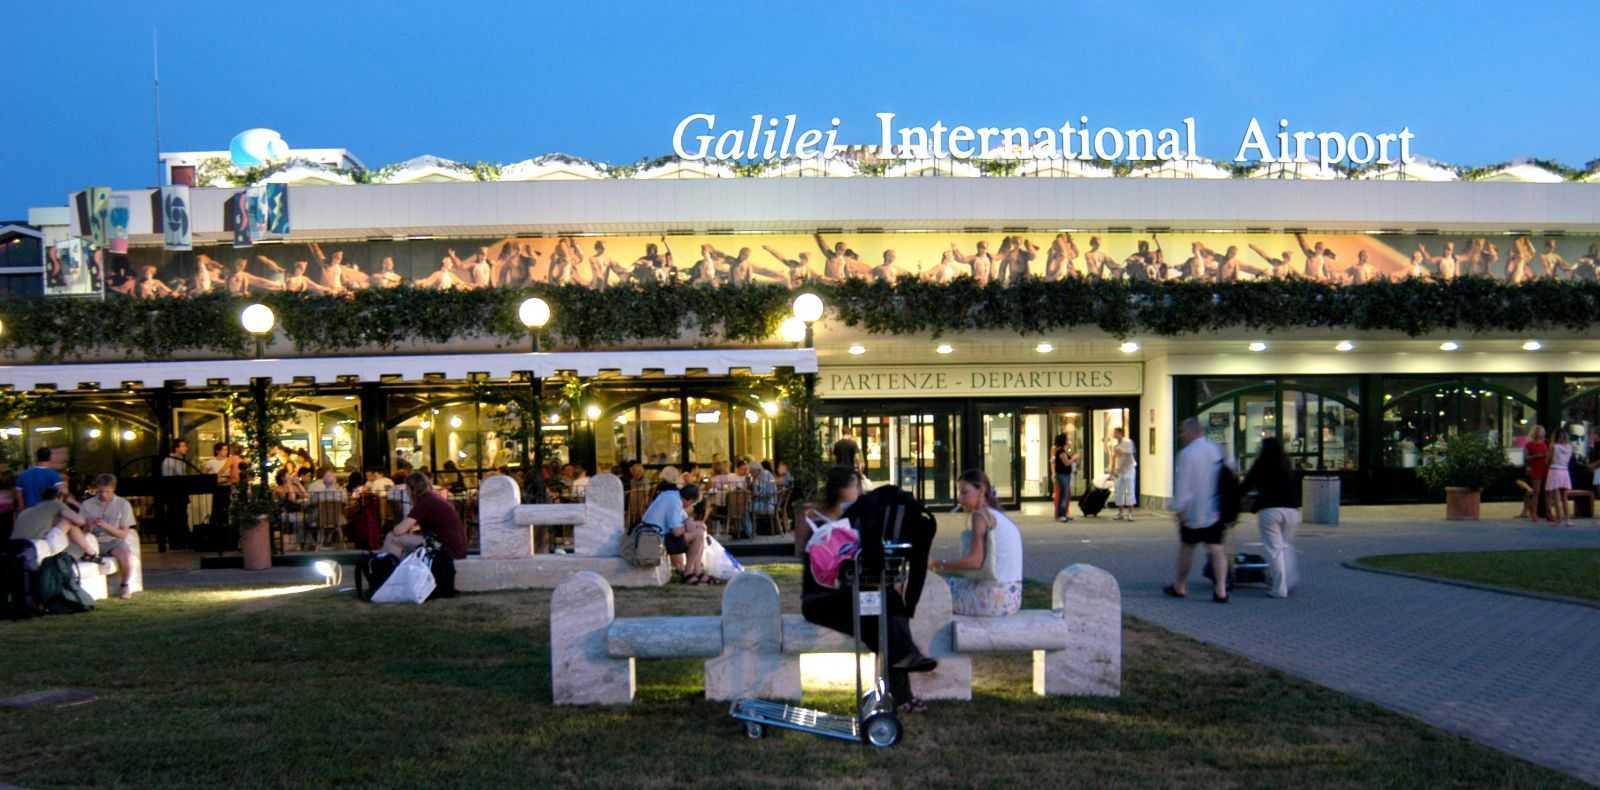 Aeroporto Zurigo Partenze : Toscana aeroporti u entro il al via i lavori per aeroporto di